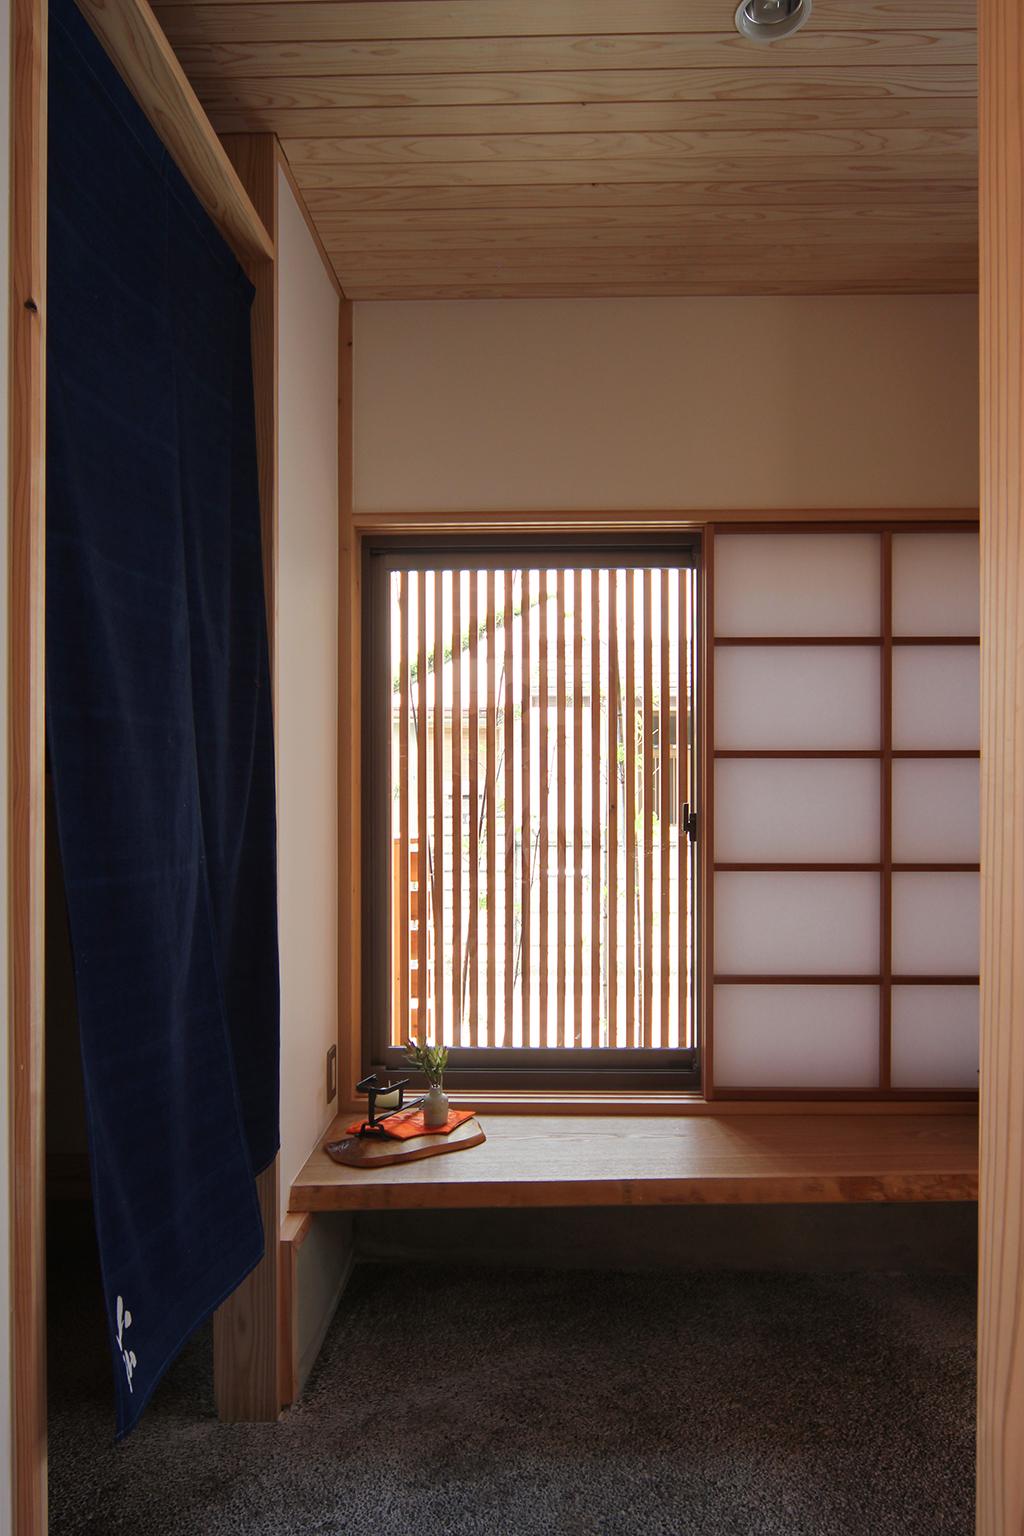 高砂市の木の家 客待ちのある玄関